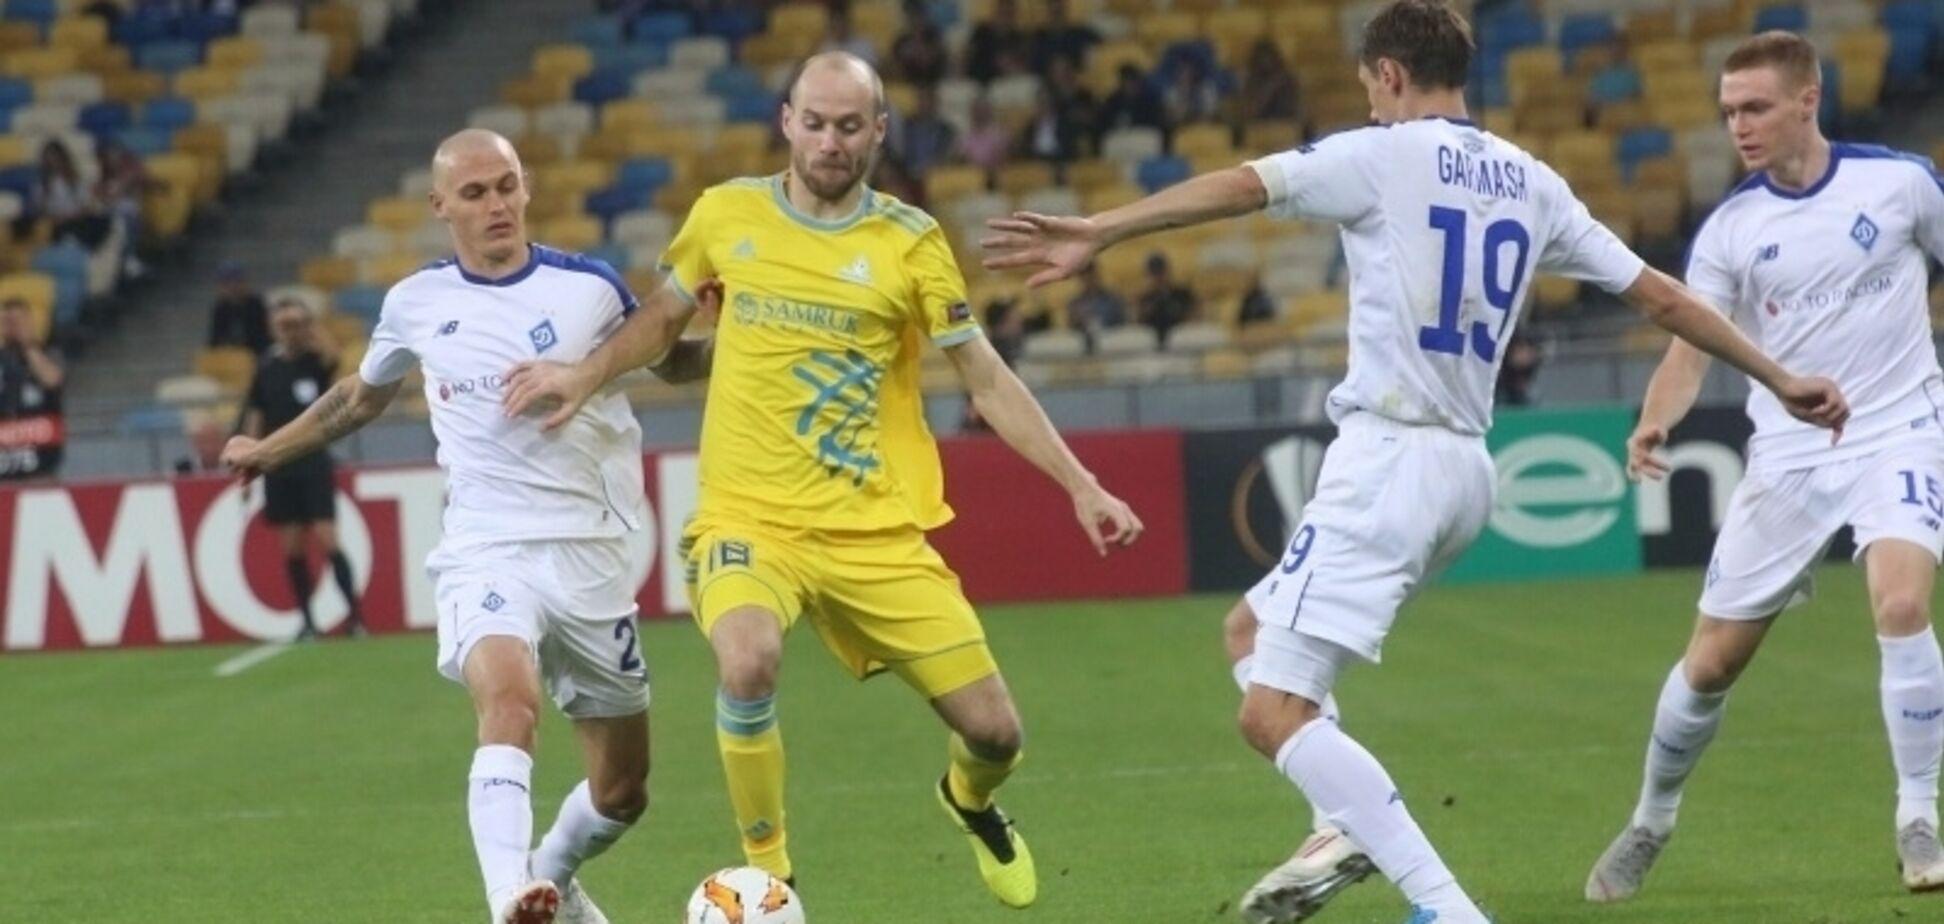 ''Майстерності немає'': футболіст 'Динамо' розкритикував гру із 'Астаною'